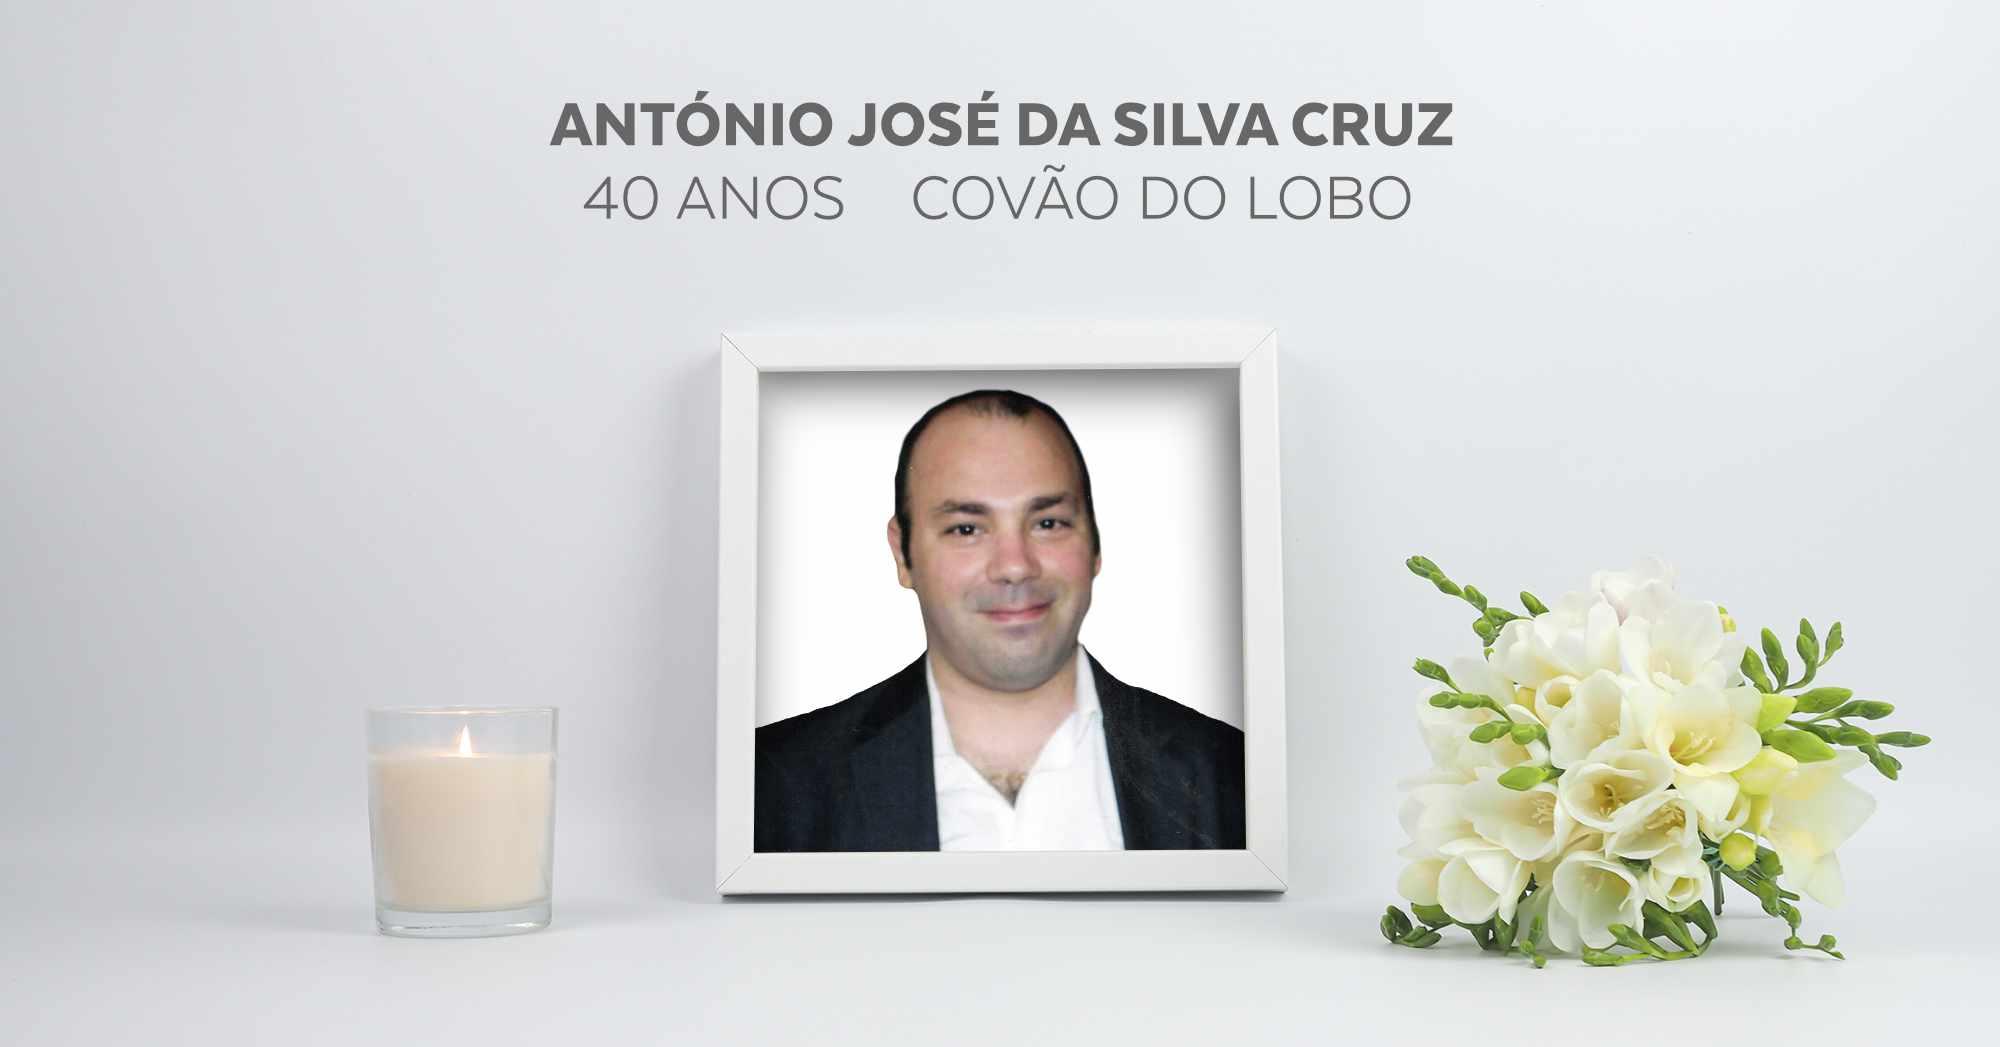 António José da Silva Cruz